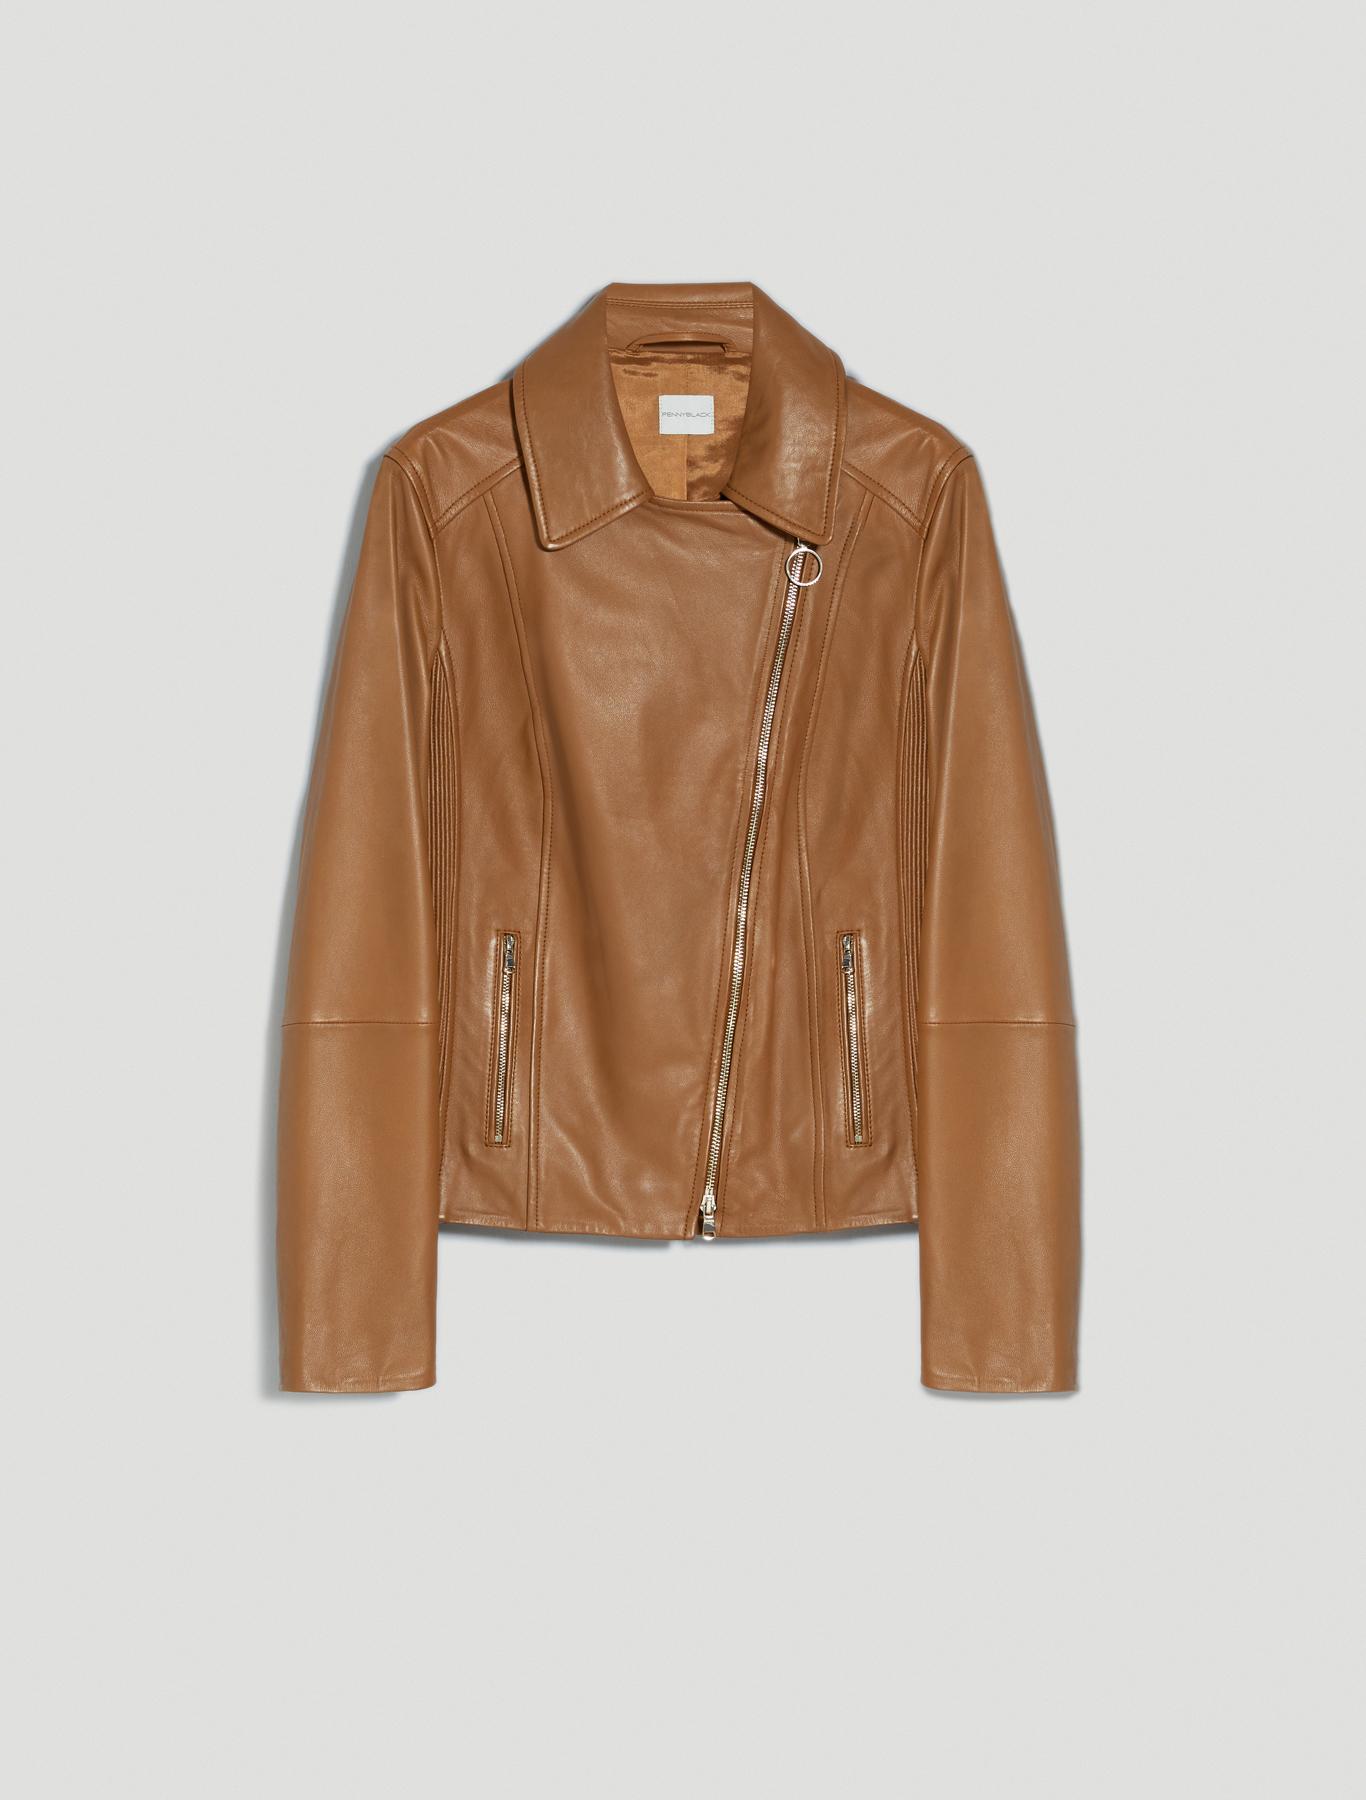 Nappa leather biker jacket - cocoa - pennyblack